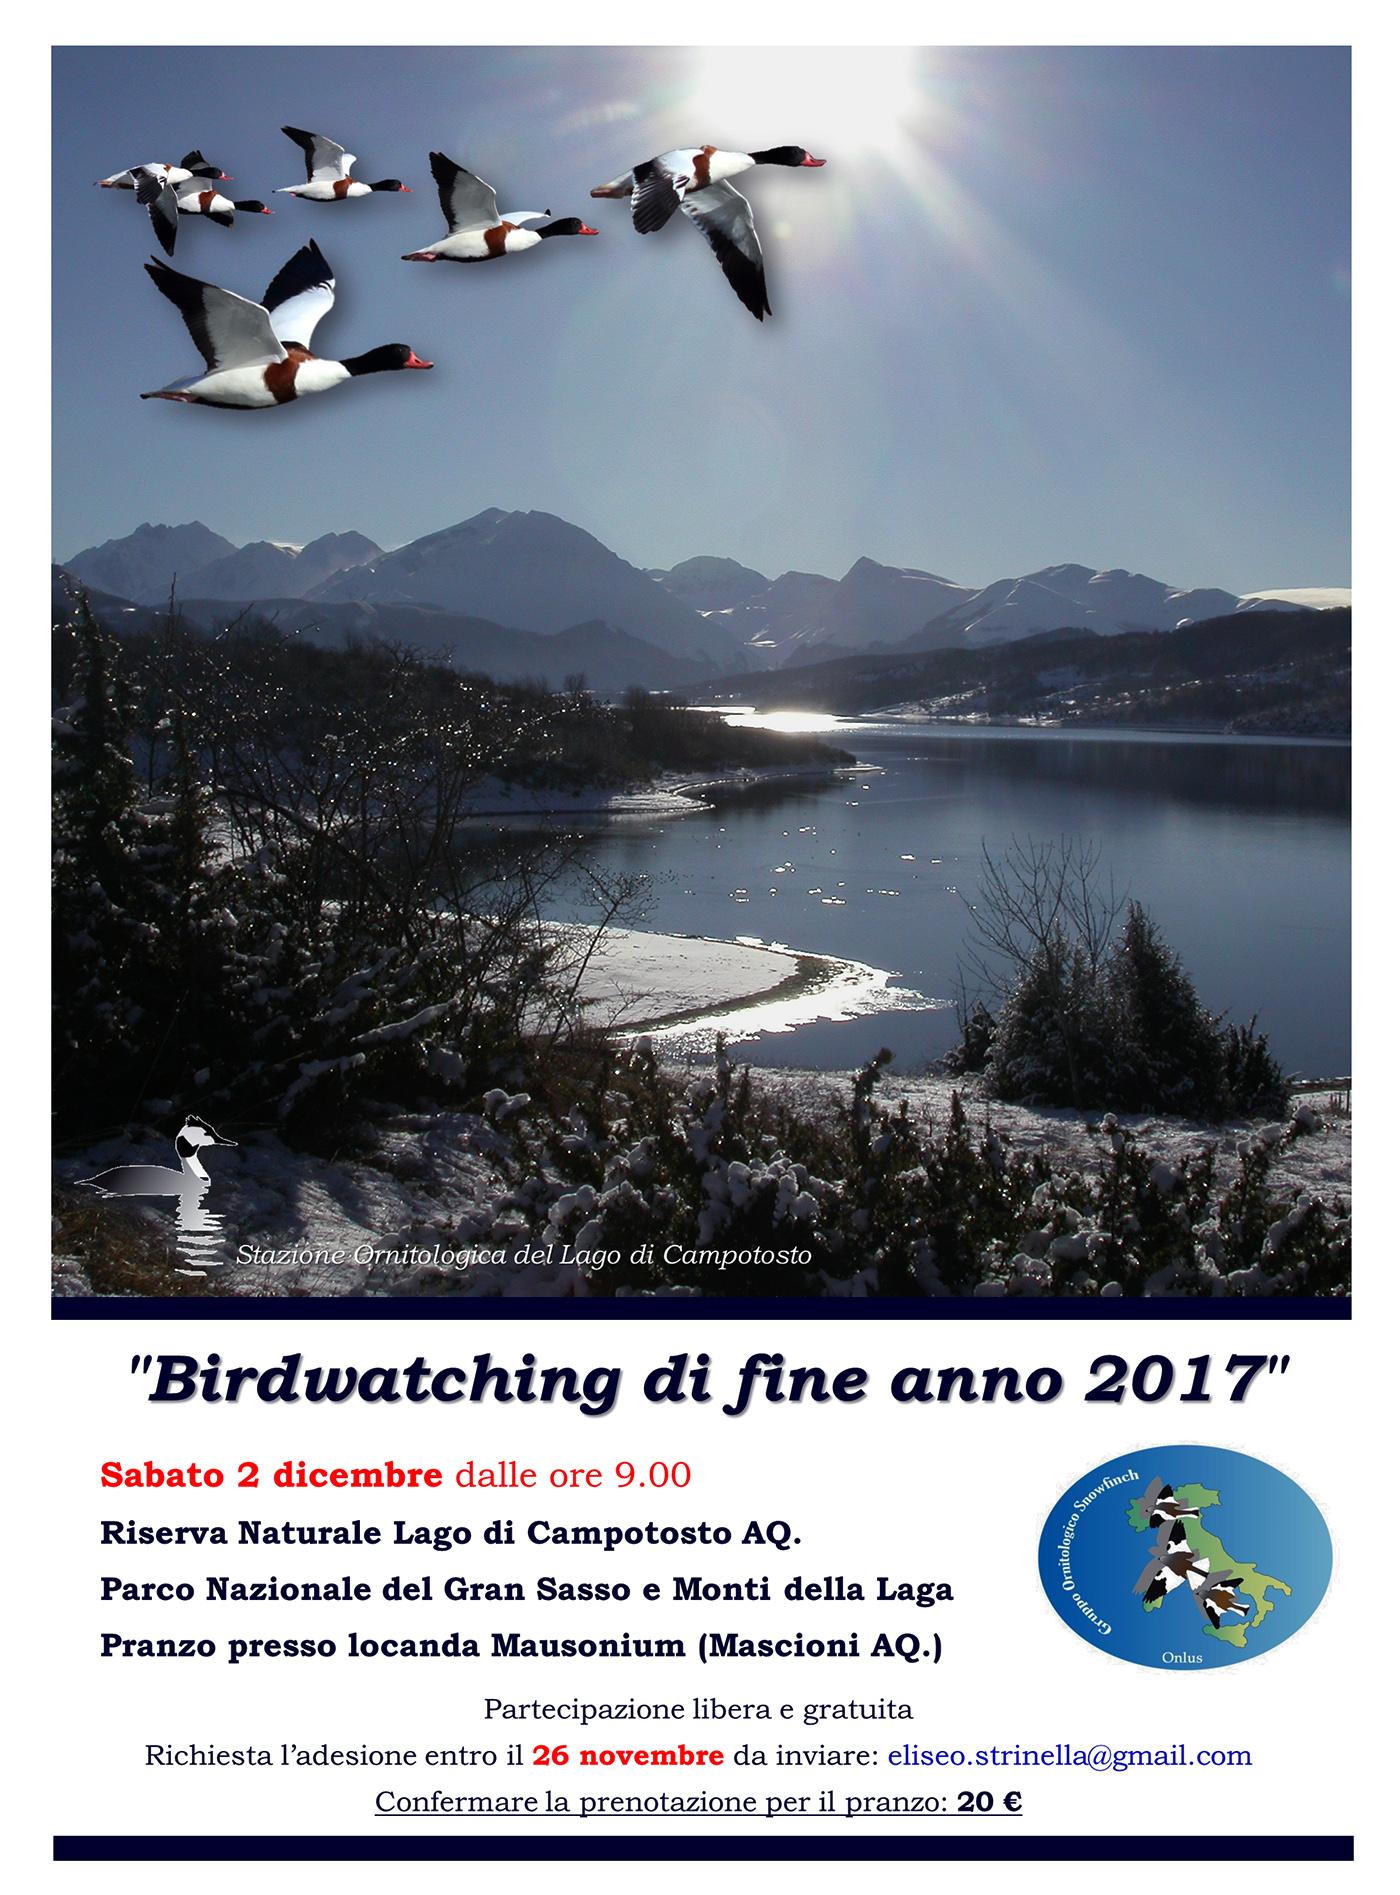 Bw-fine anno 2017 (Riserva Lago di Campotosto)